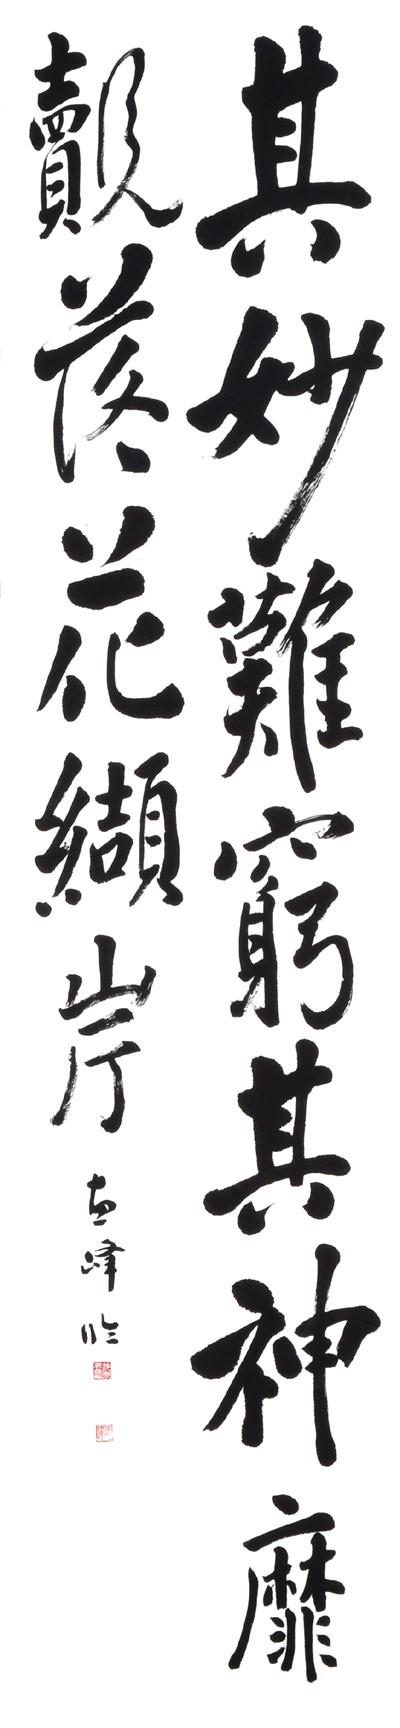 2020年【公募】第49回全書芸展 無鑑査部門 70周年記念賞 鈴木恵峰